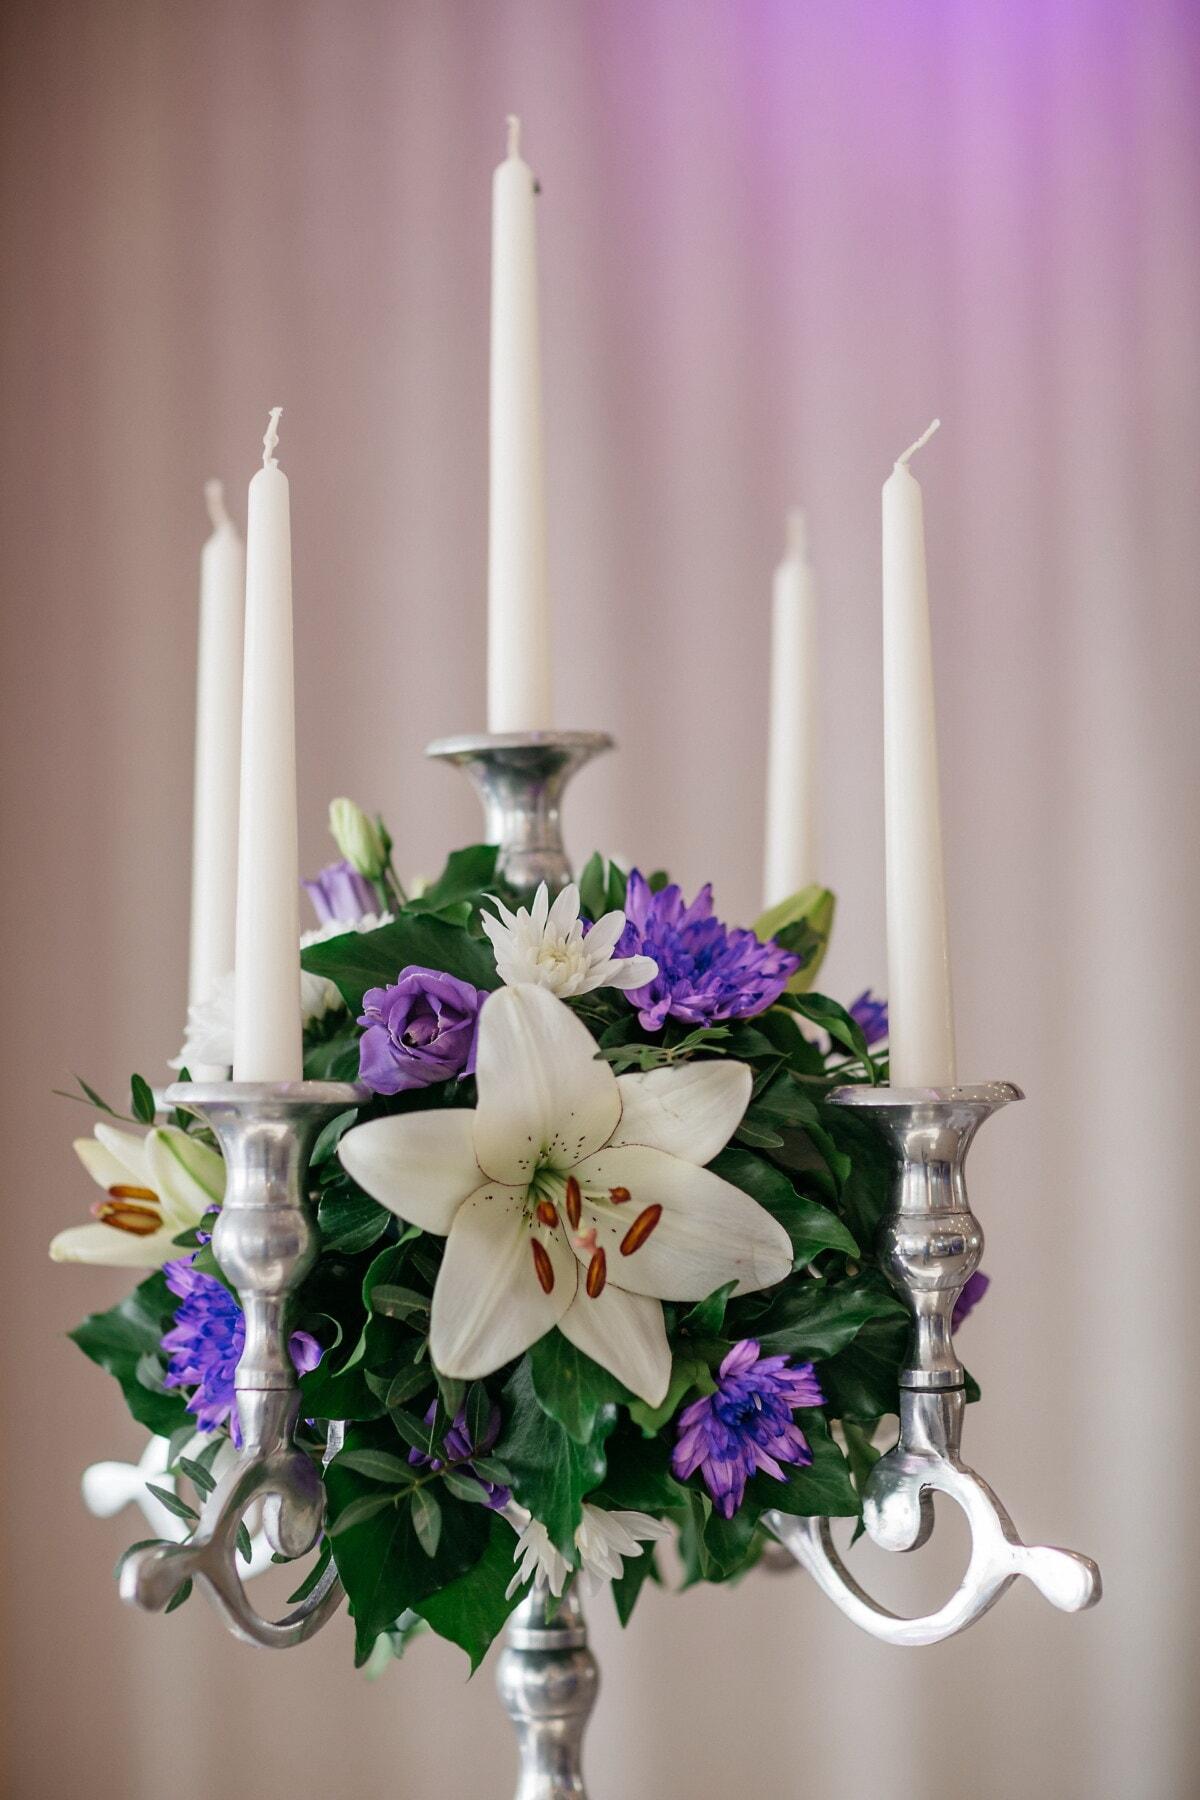 chandelier, romantique, Silver, blanc, bougies, fermer, fleurs, bouquet, élégant, bougie